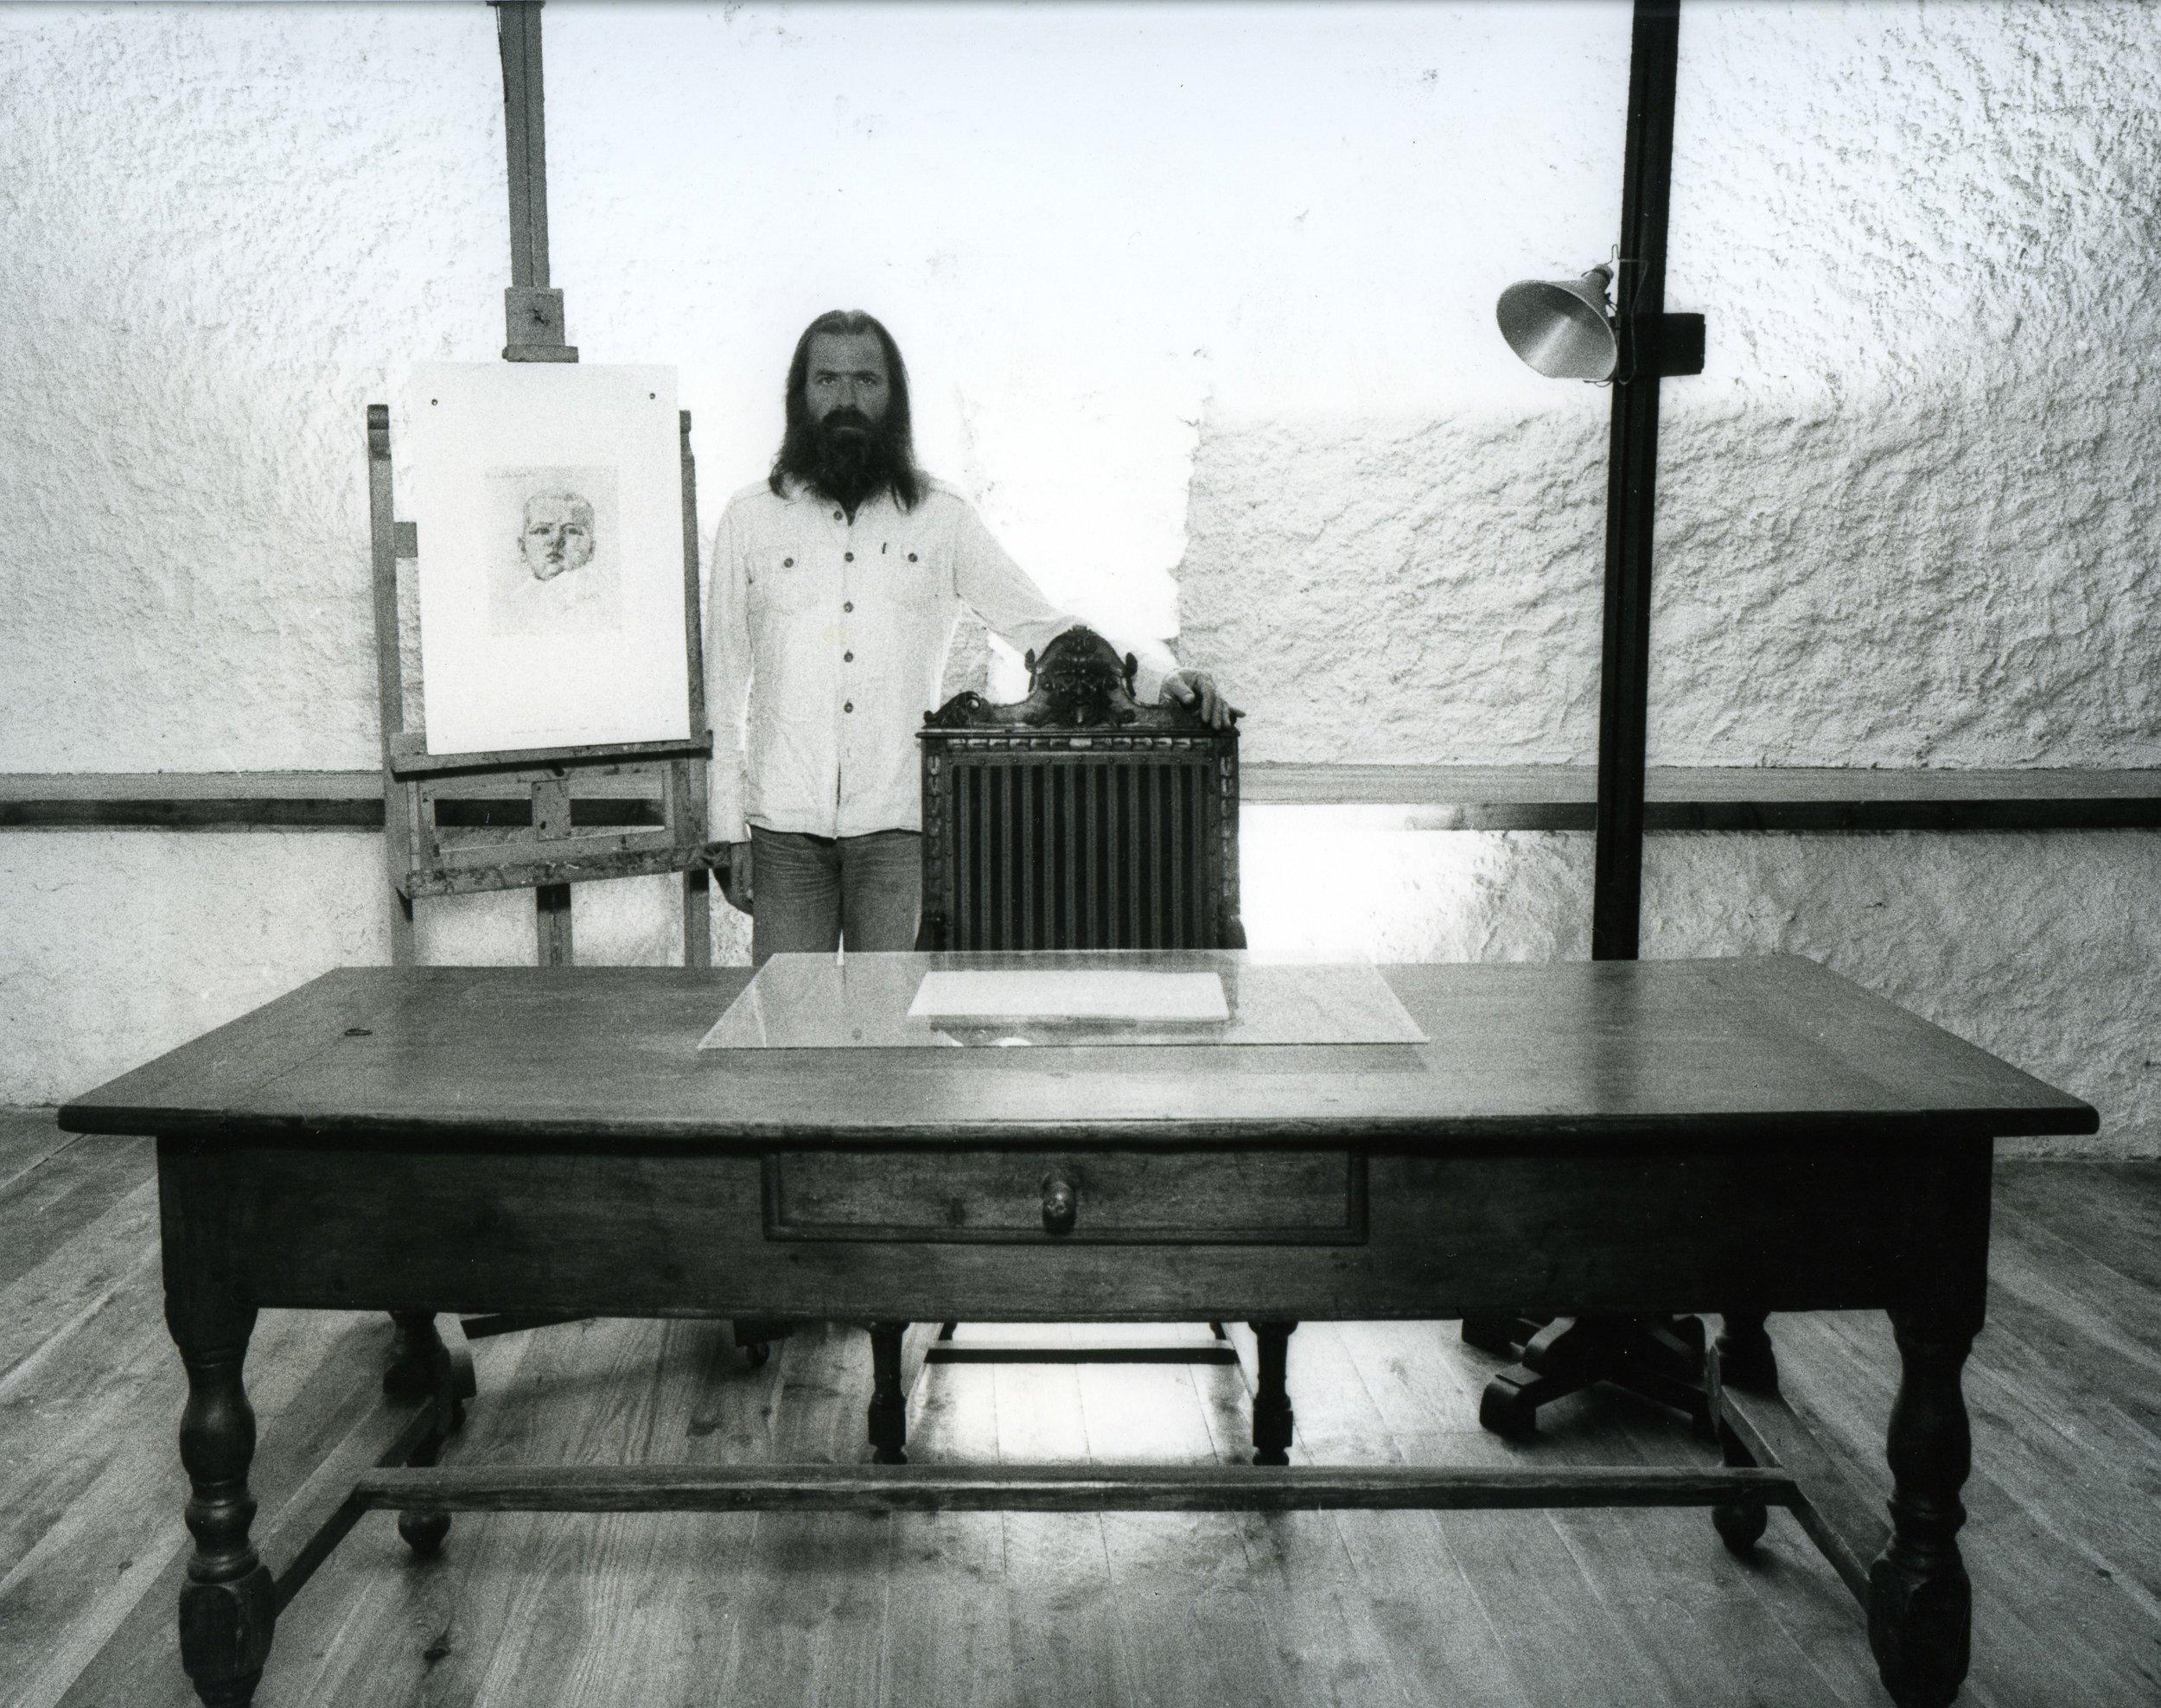 Michelangelo Pistoletto, i mobili di mio padre nel mio studio, 1976  Credit photo: P. Mussat